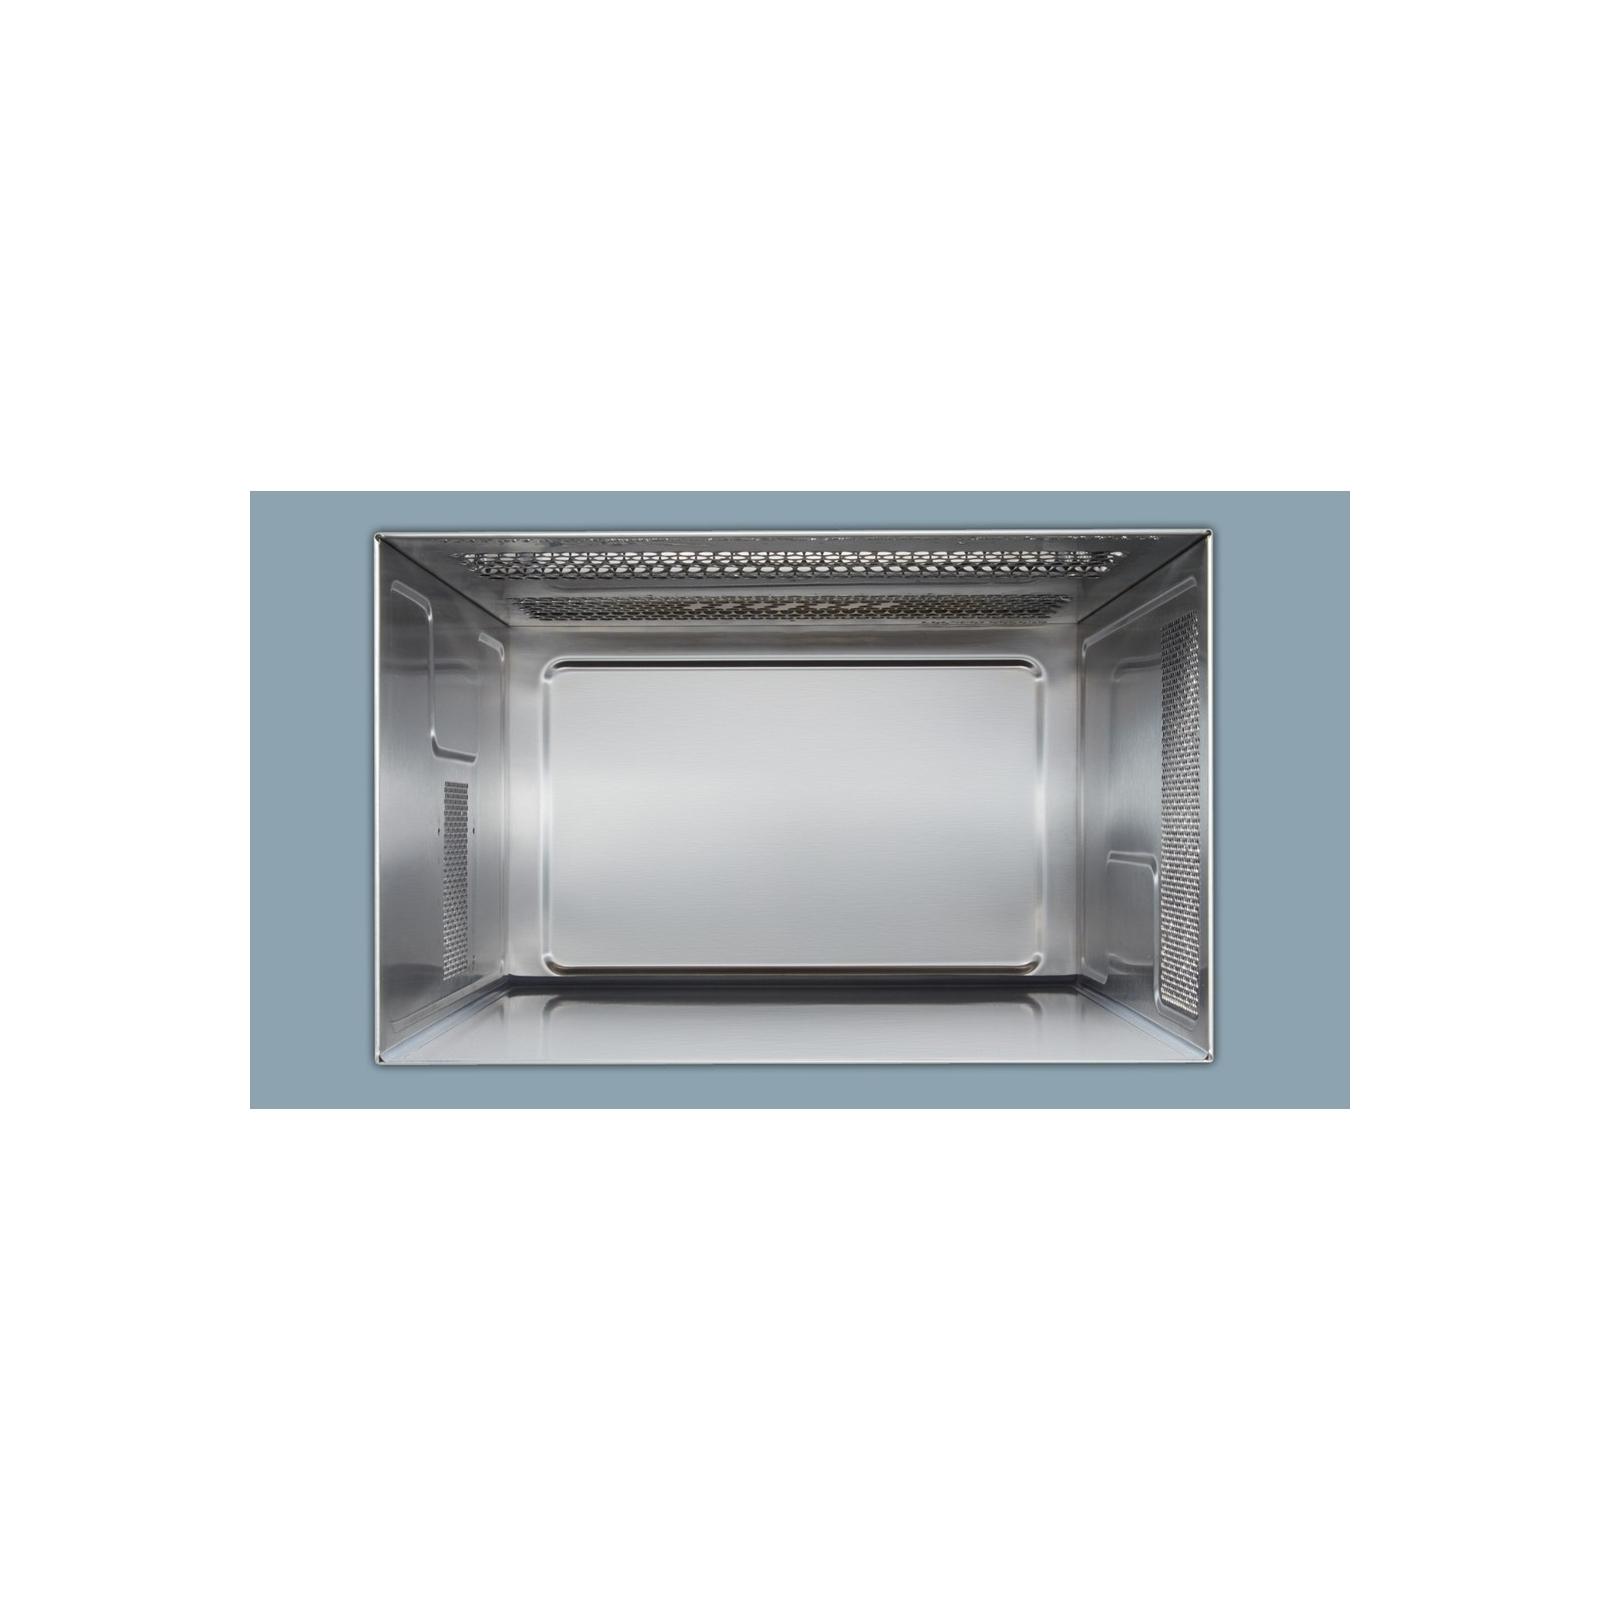 Микроволновая печь BOSCH BFL 634 GS1 изображение 4